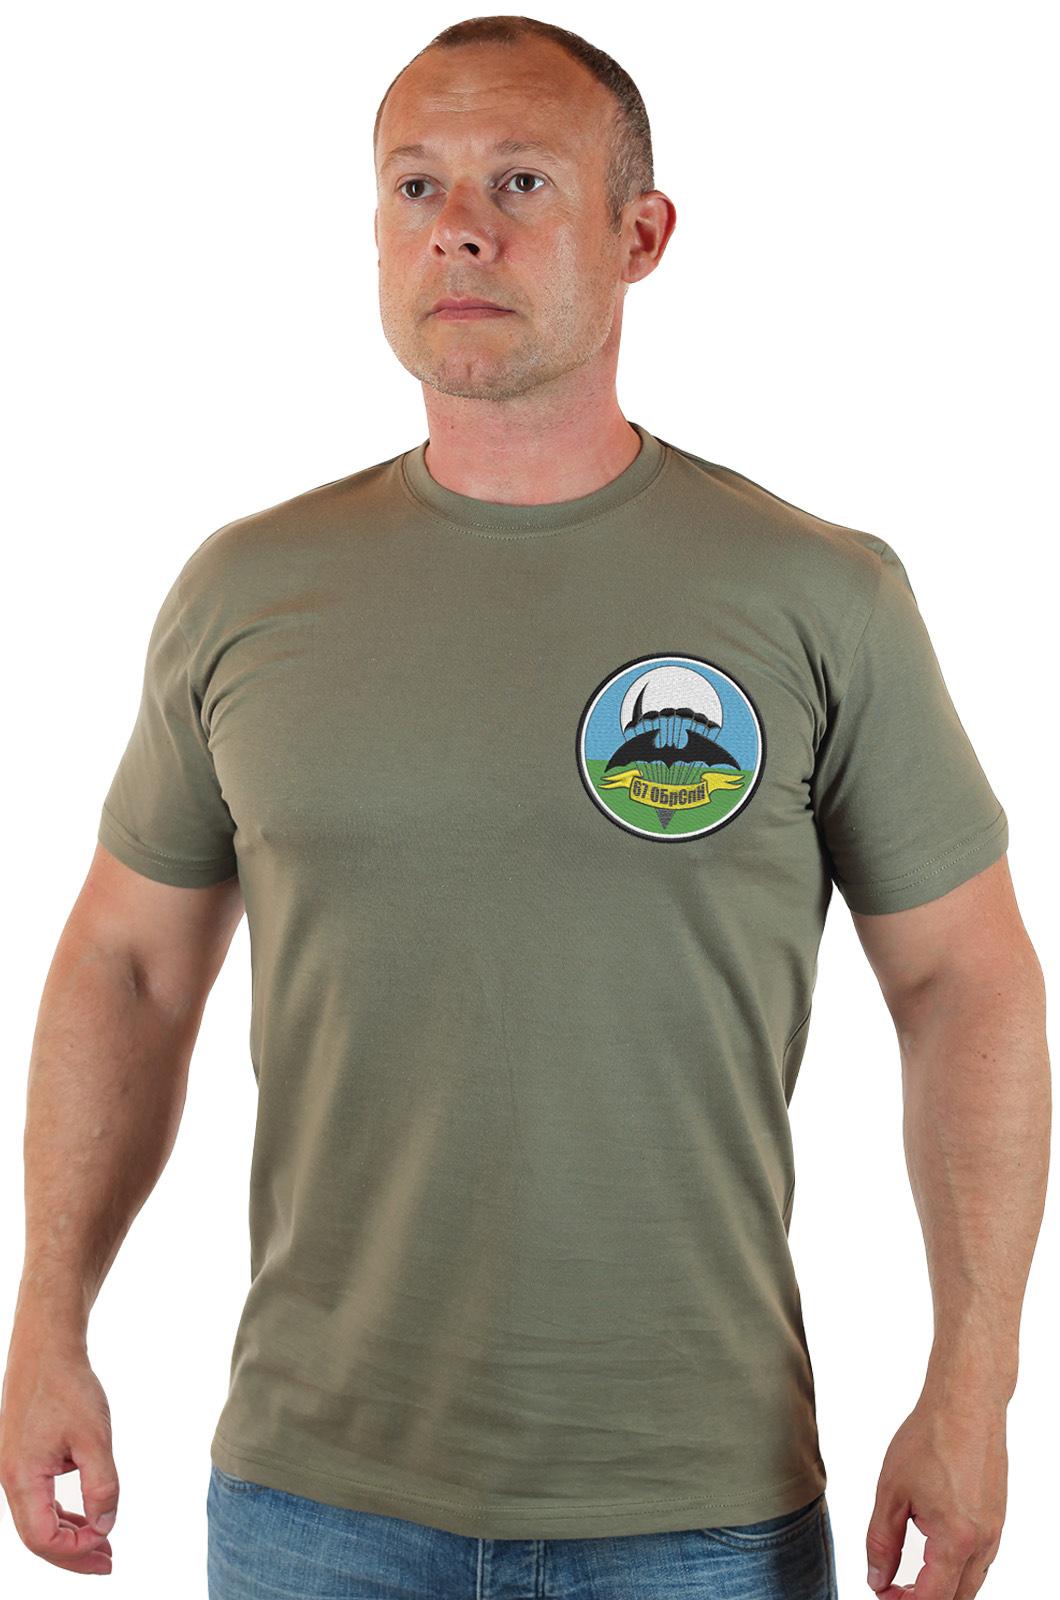 Уставные военные футболки 67 ОБрСпН ГРУ